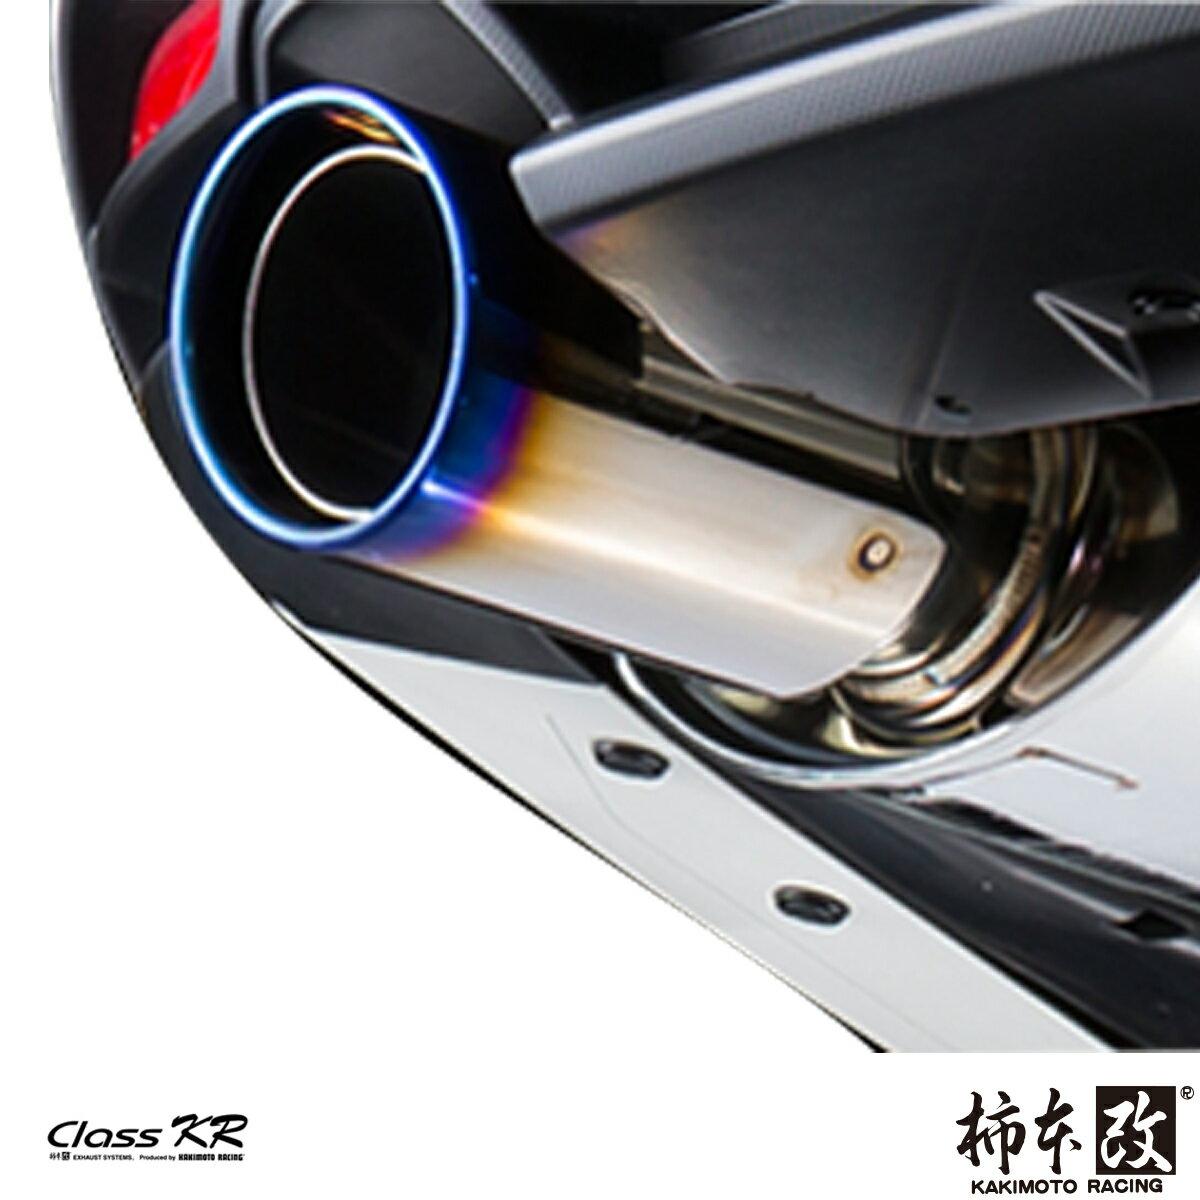 柿本 改 クラスKR CX-3 LDA-DK5AW マフラー 品番:Z71334 KAKIMOTO RACING Class KR 条件付き送料無料 柿本 改 クラスKR CX-3 LDA-DK5AW マフラー 品番:Z71334 KAKIMOTO RACING Class KR